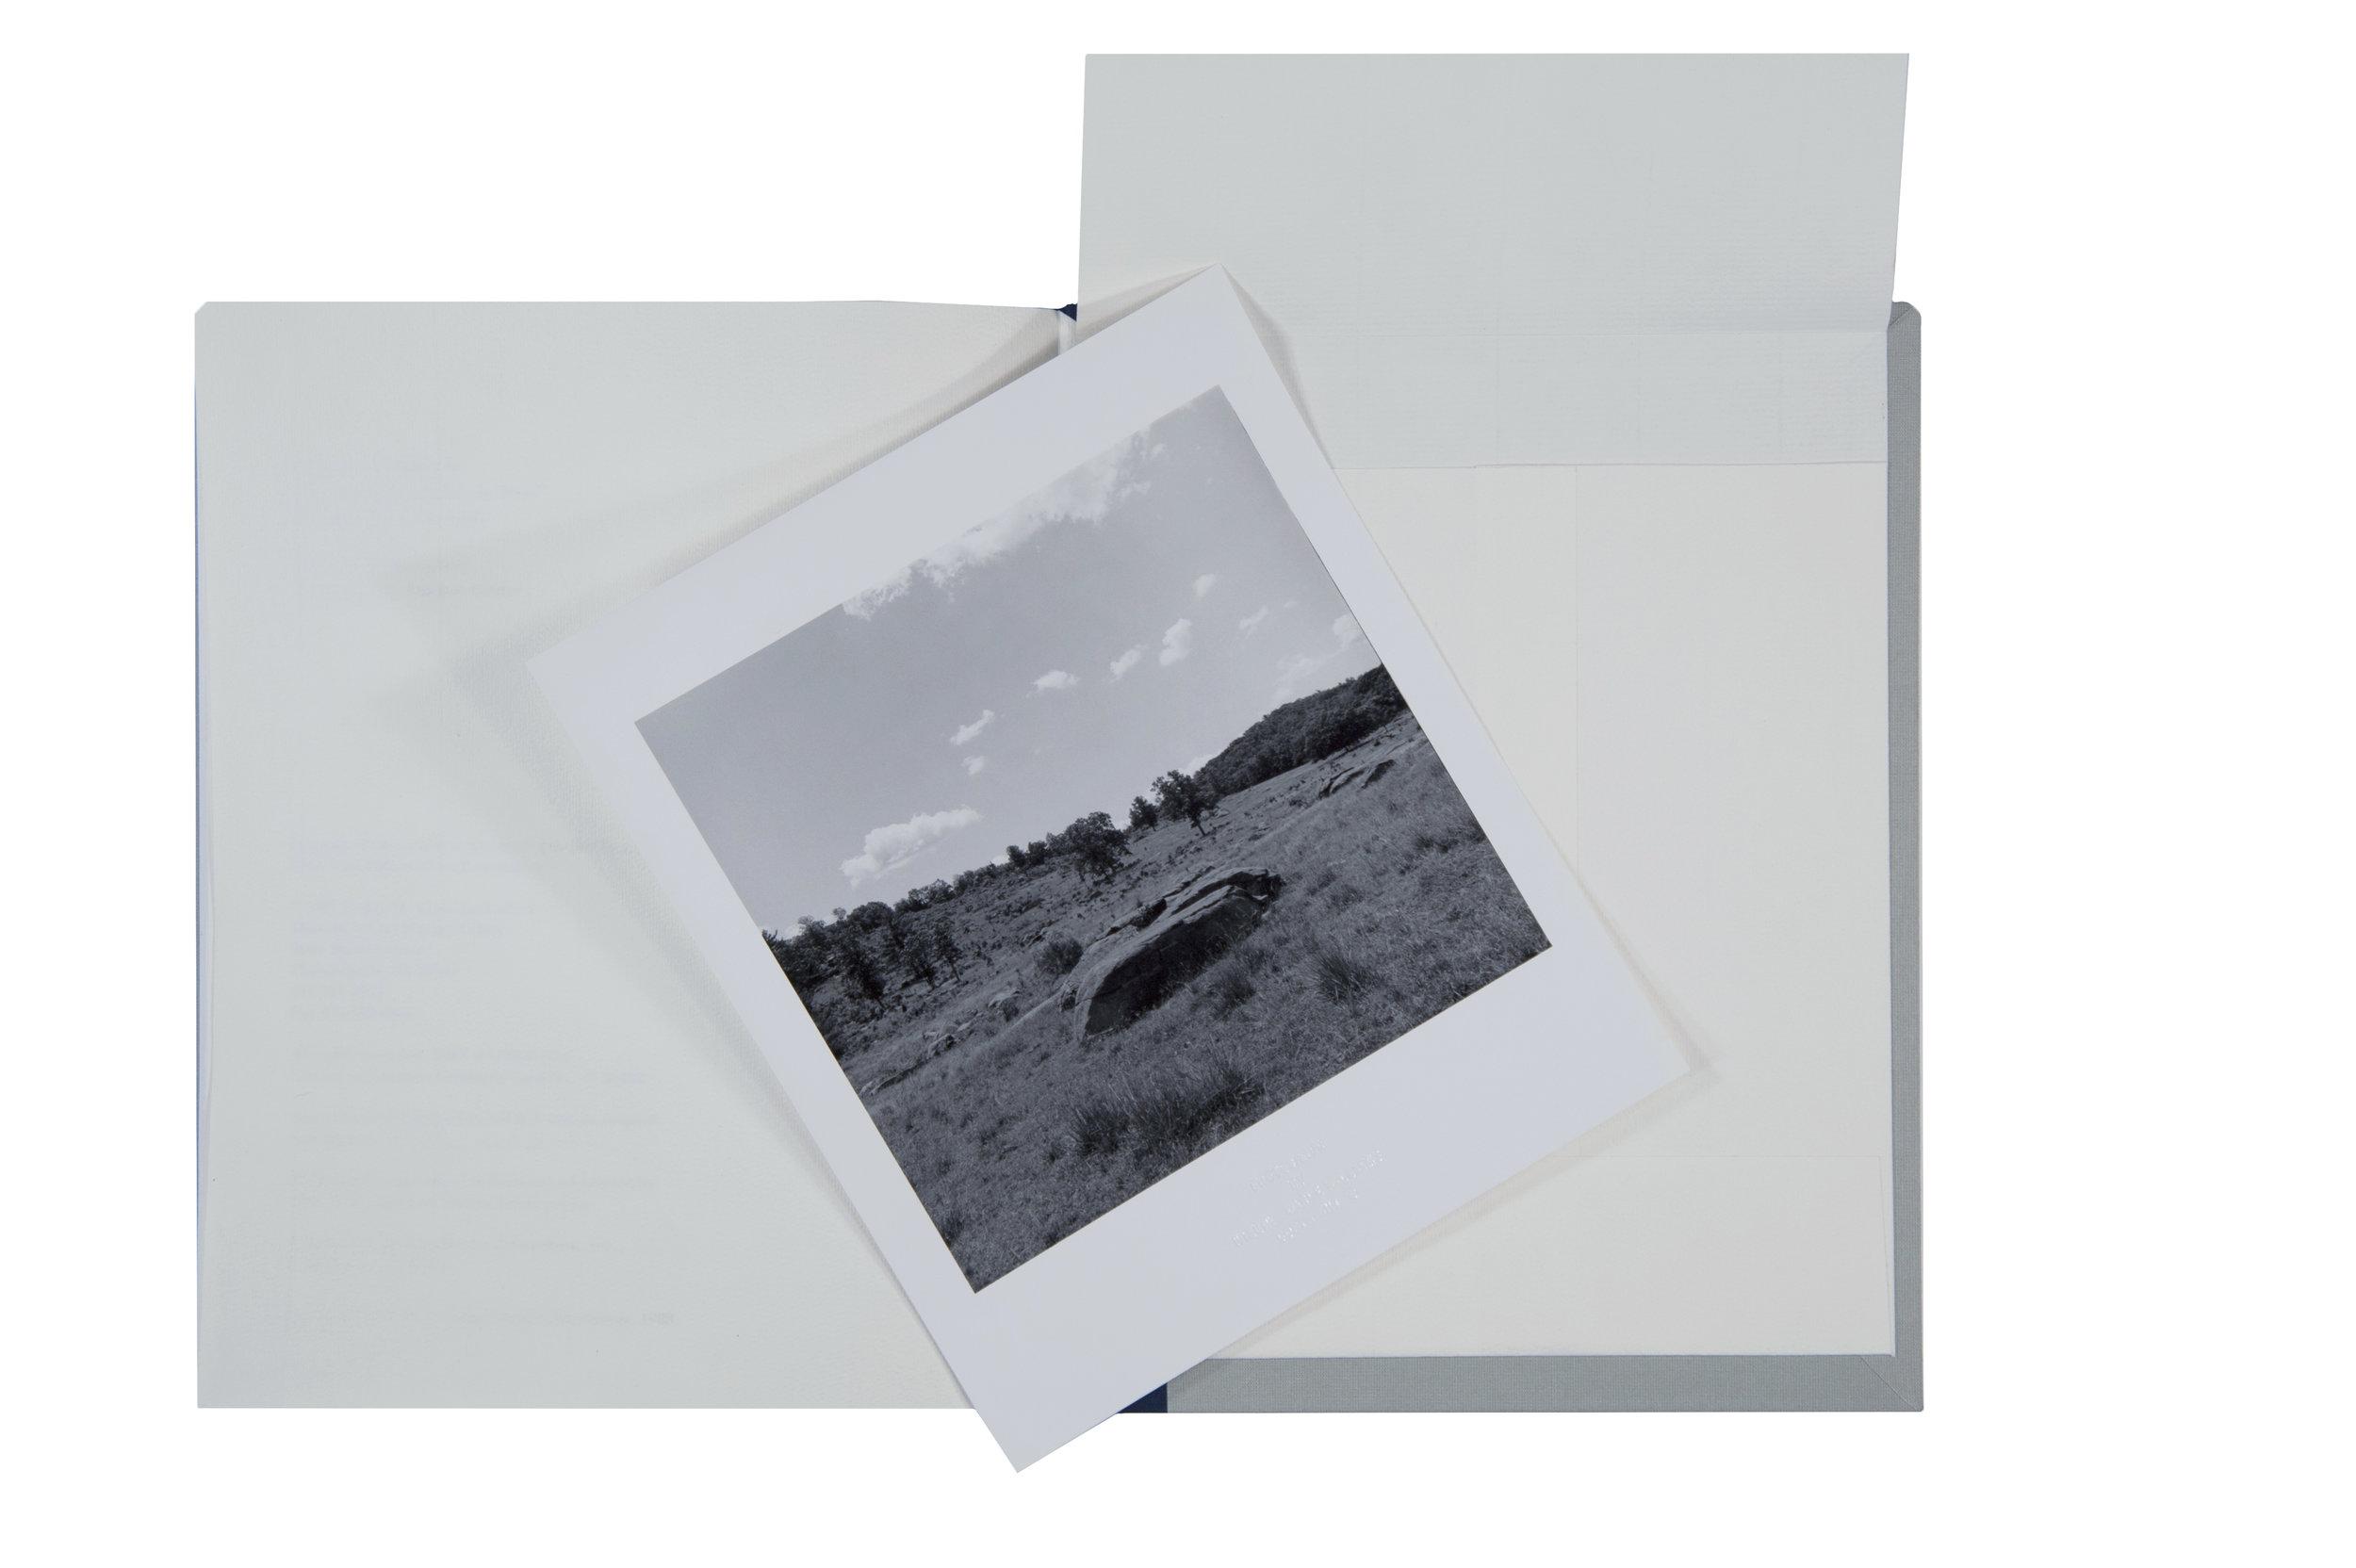 20190126_0043 copy.jpg